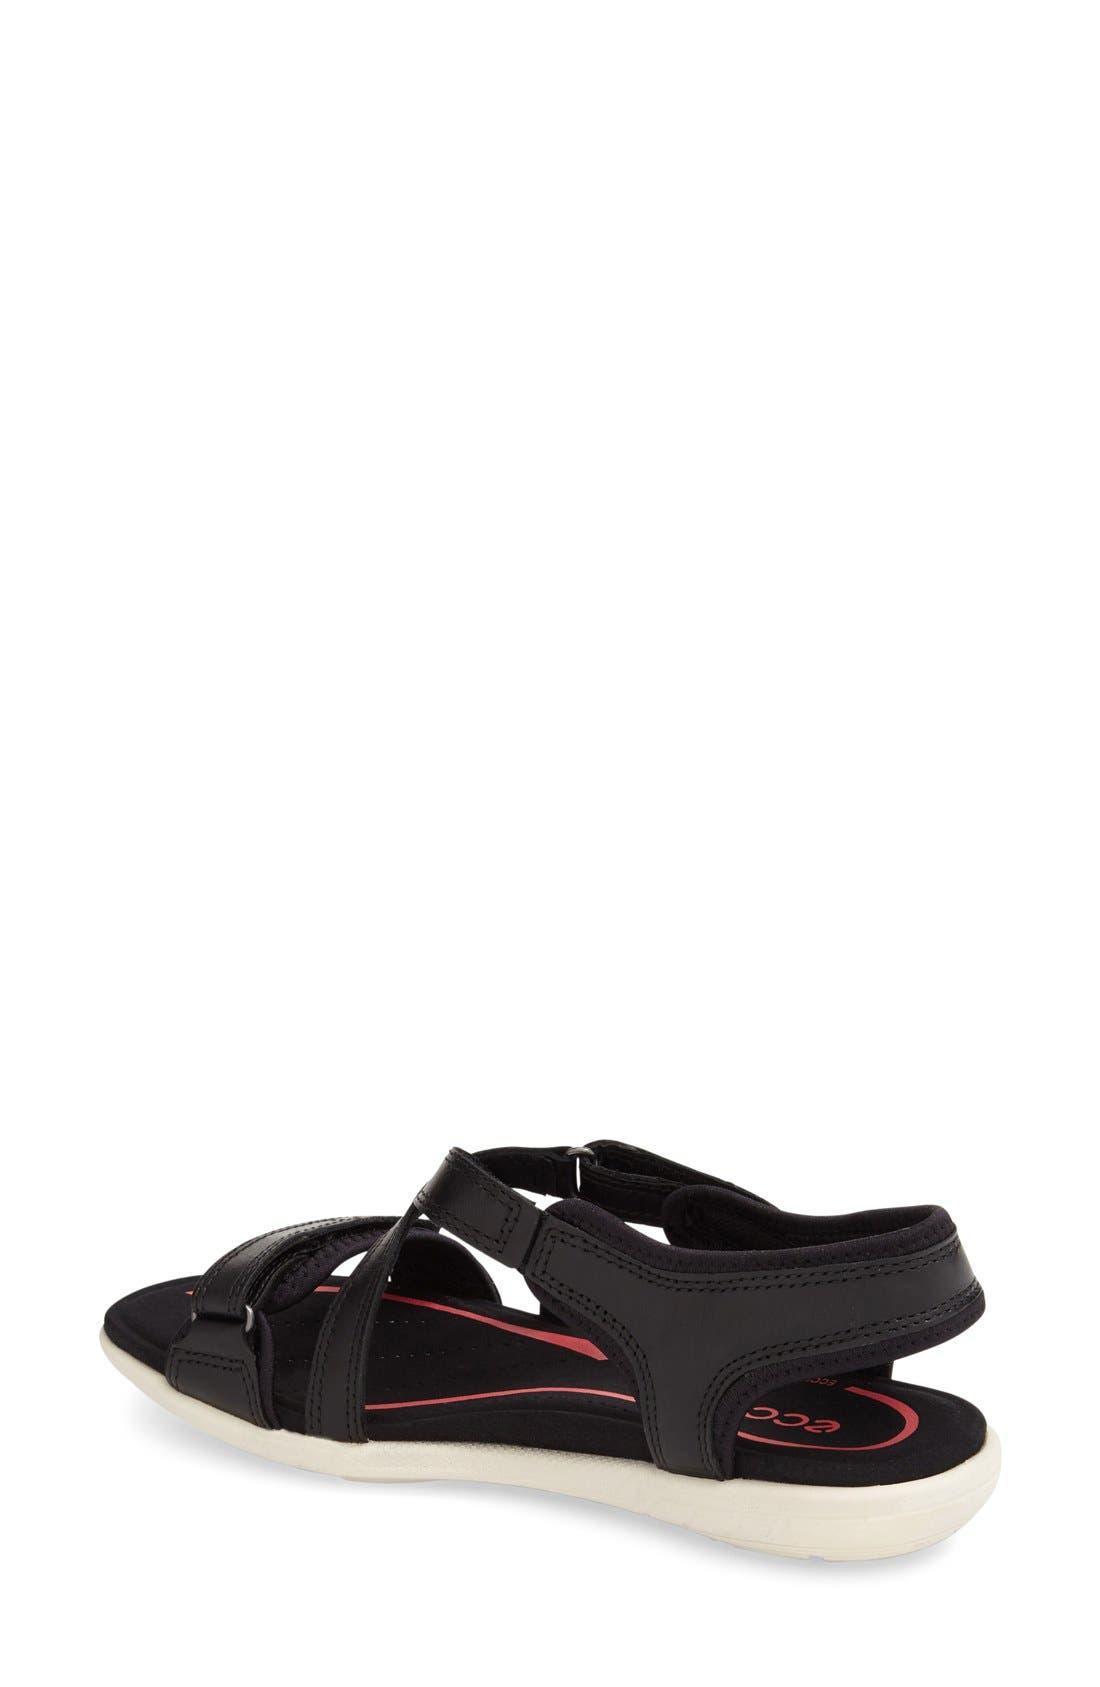 'Bluma' Sport Sandal,                             Alternate thumbnail 2, color,                             Black Leather